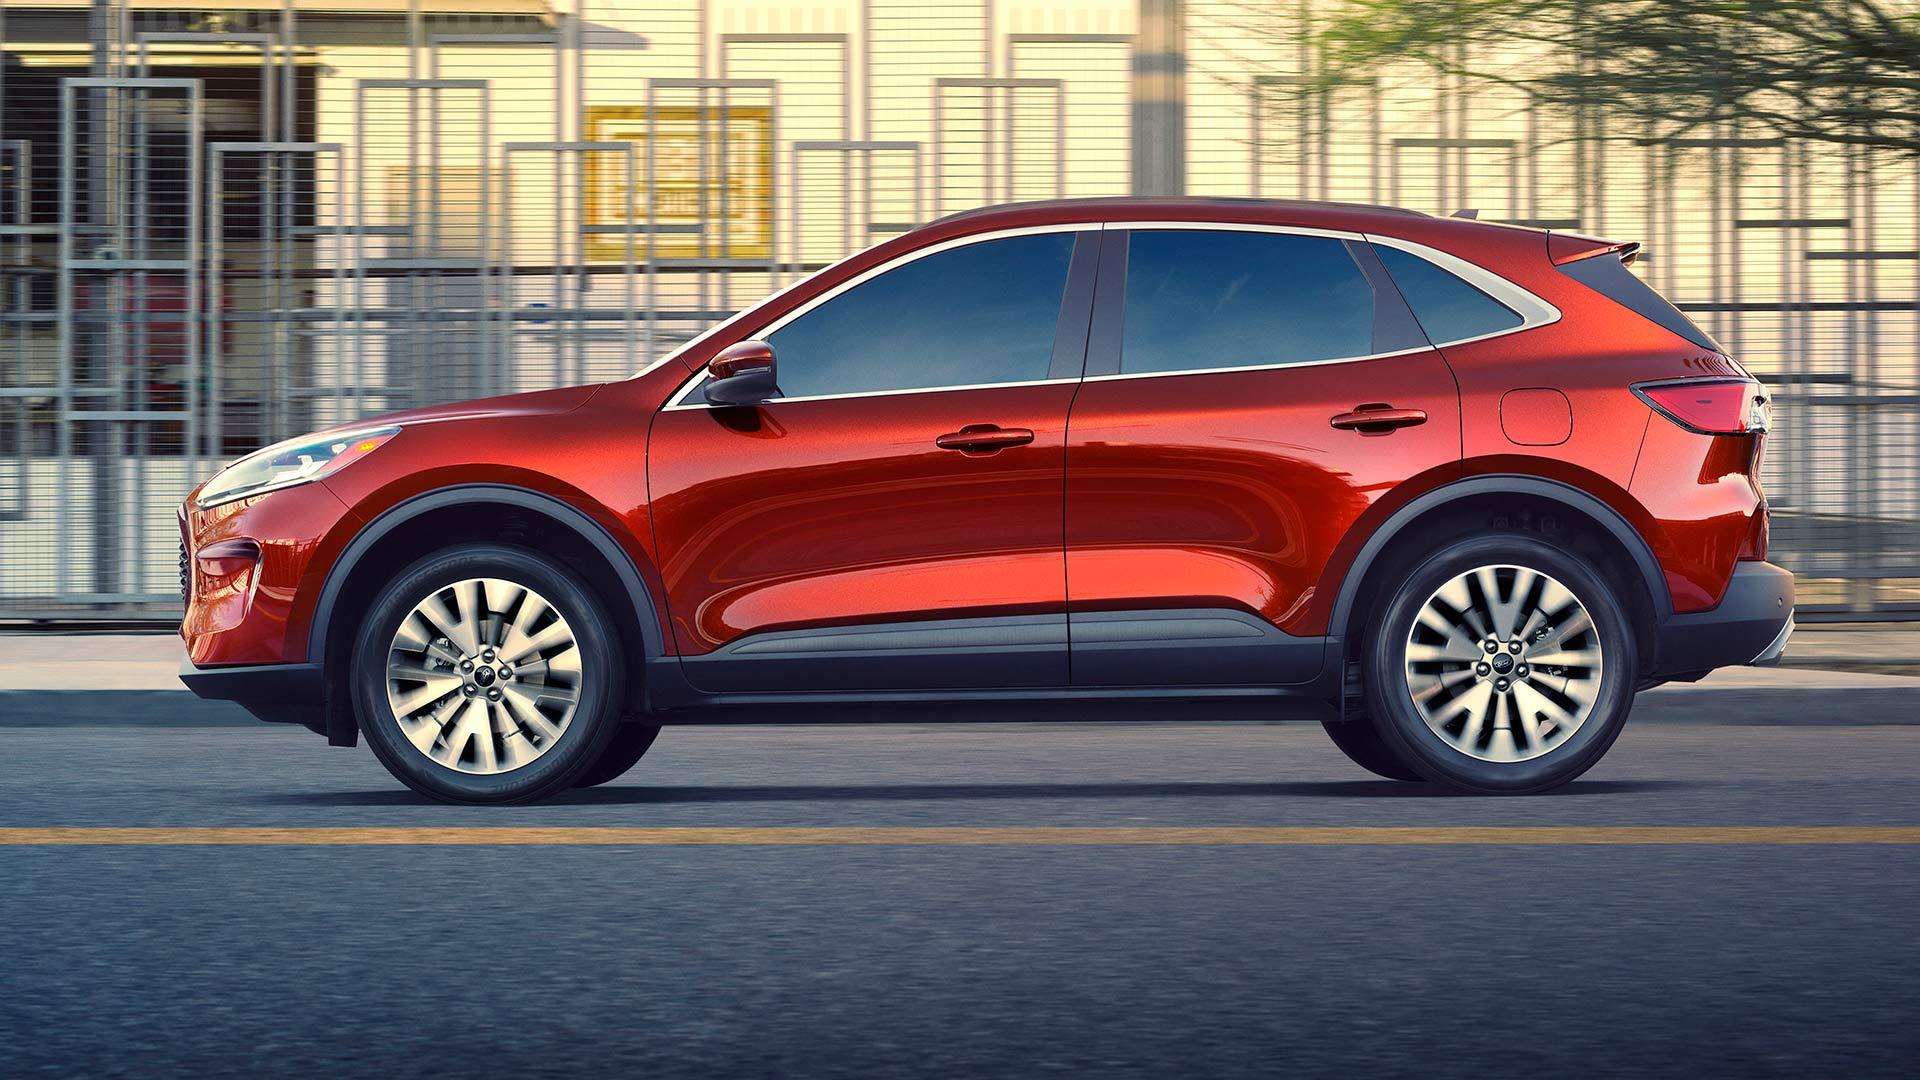 Ford Escape sắp có bản 7 chỗ - ĐẸP và CHẤT, quyết đấu Honda CRV